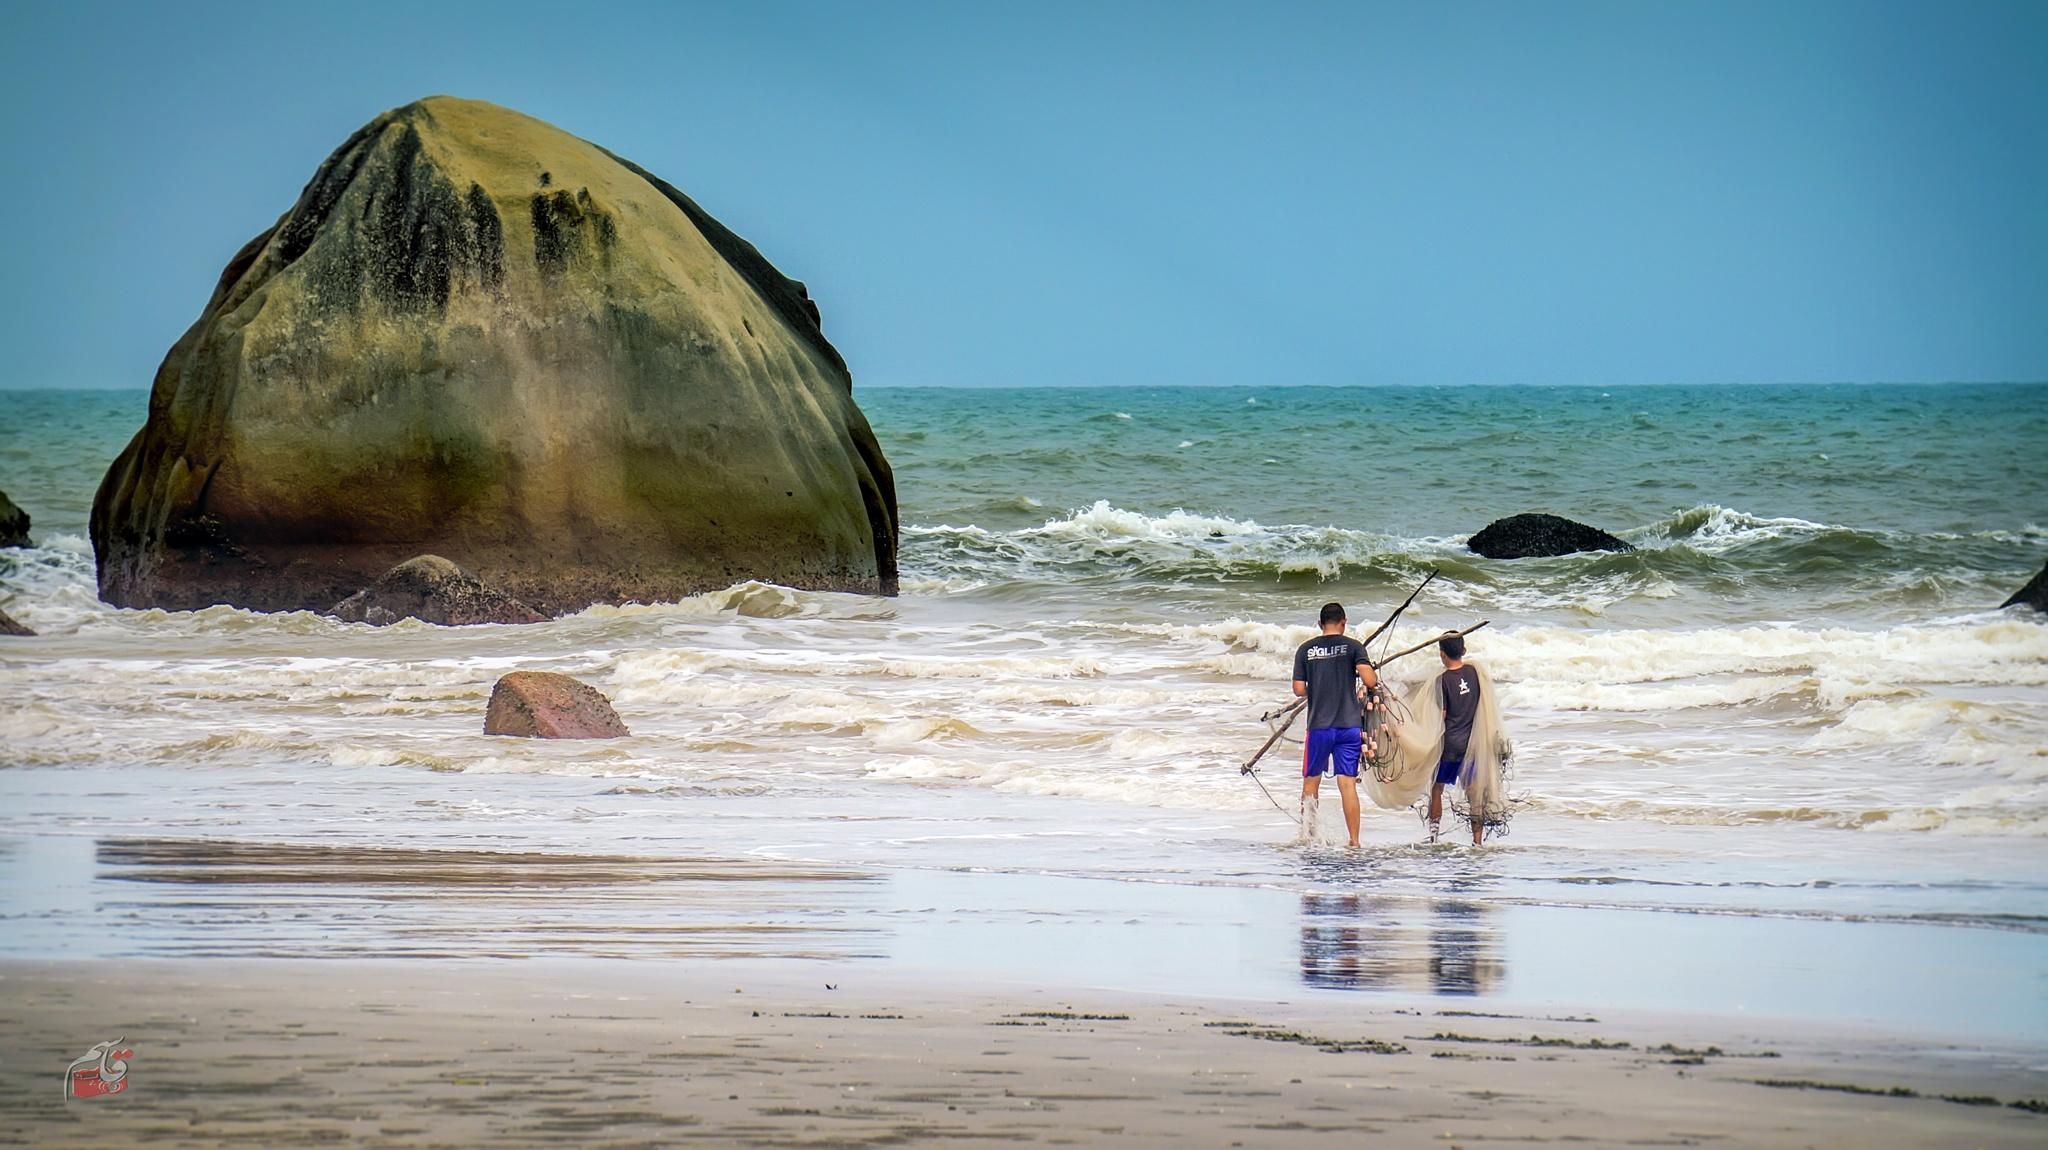 fishing on the beach by Qasem El Akhdar